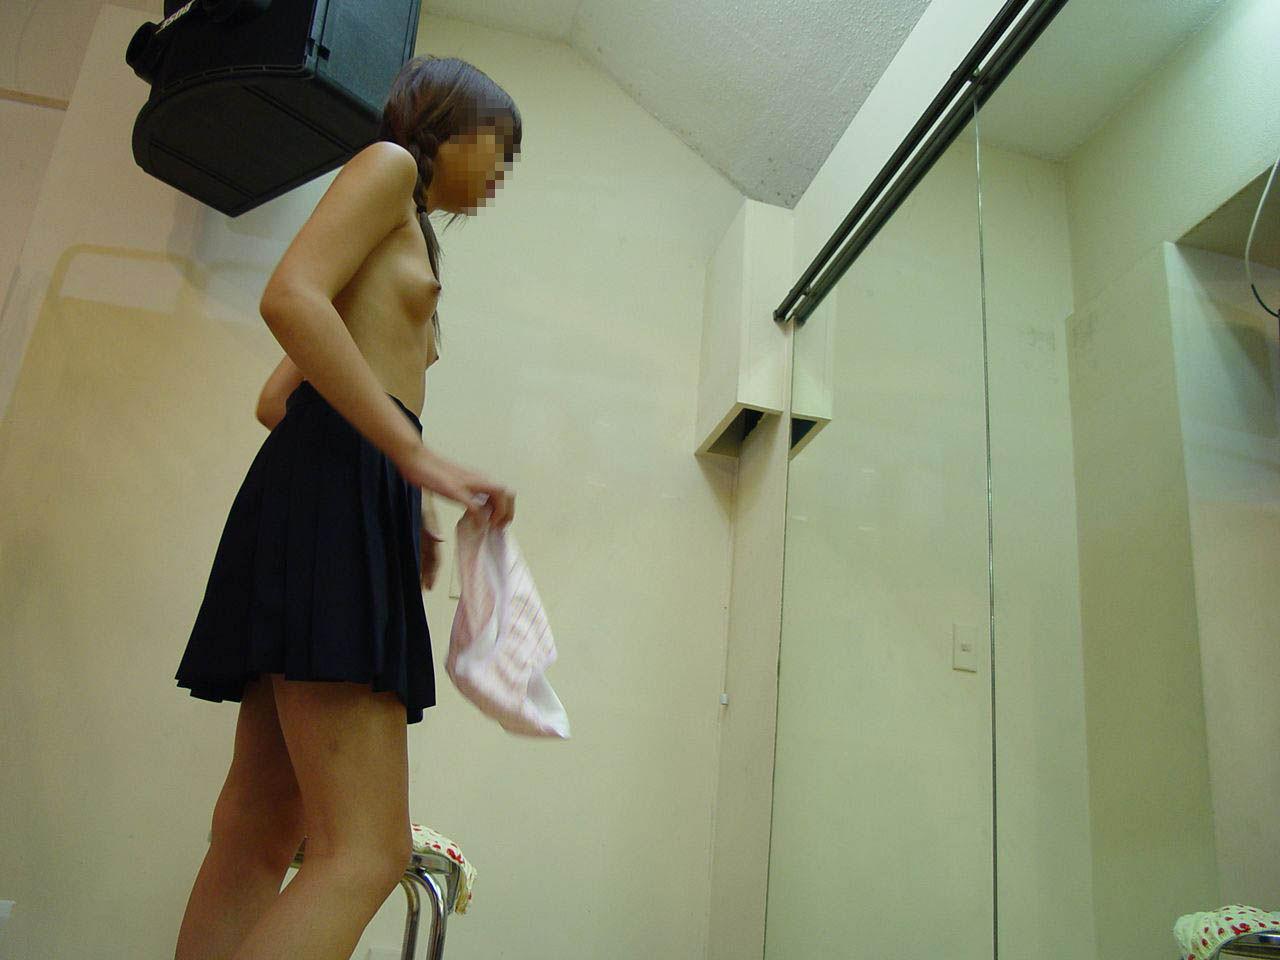 脱衣中の女性ってドキドキしちゃう (3)